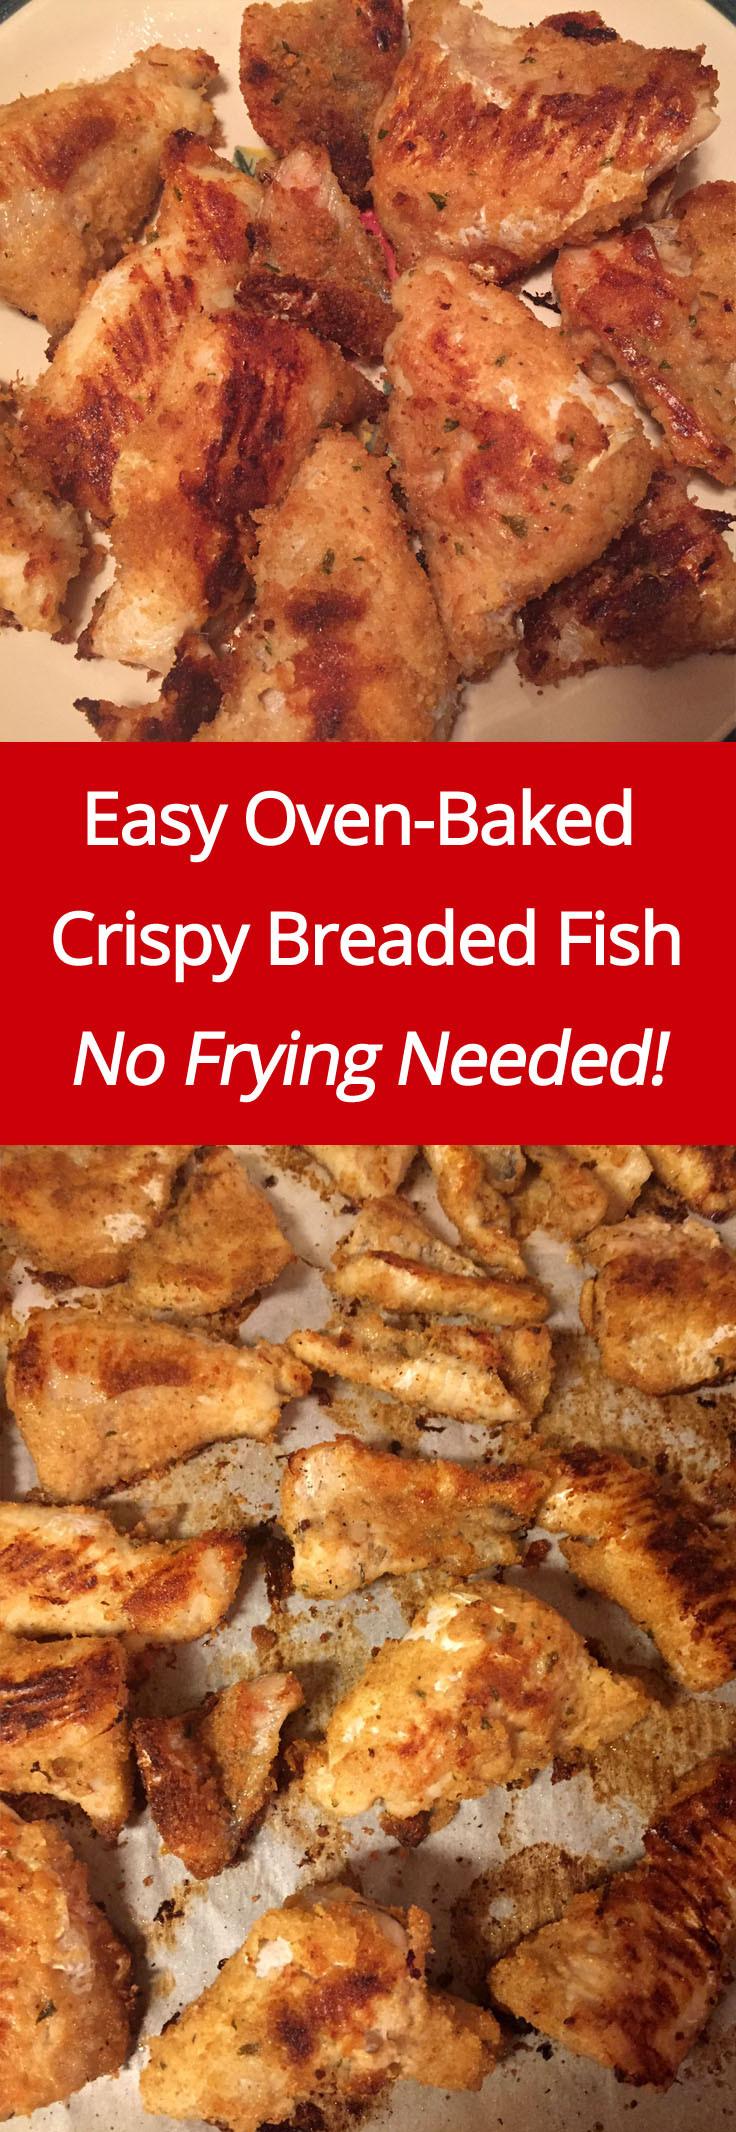 Fish Breading Recipes  Crispy Oven Baked Breaded Fish Recipe – No Frying Needed